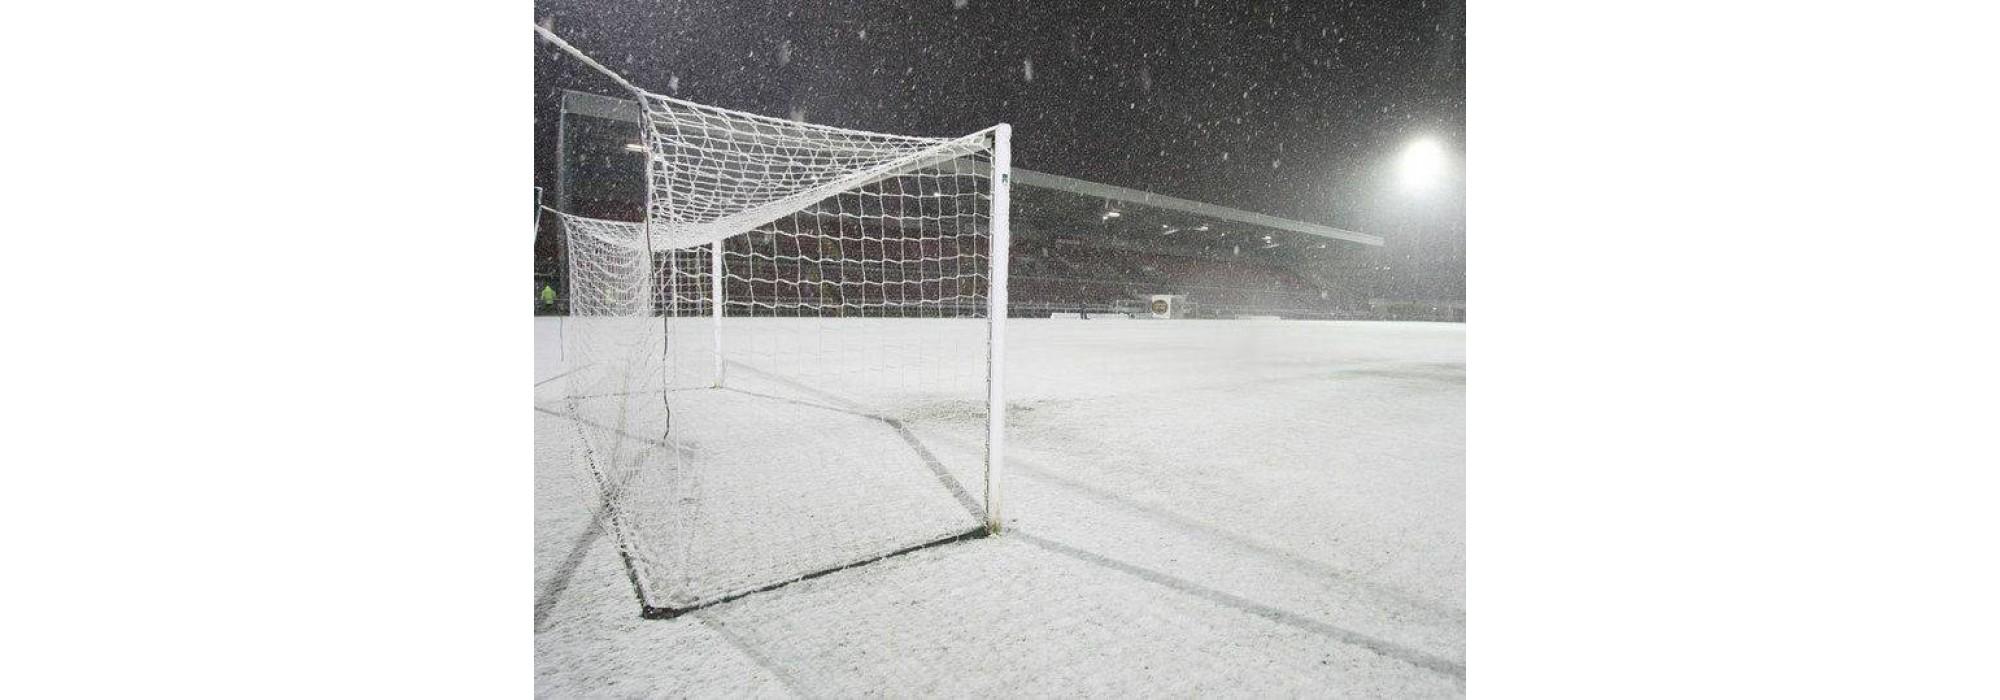 Что футболисту купить зимой